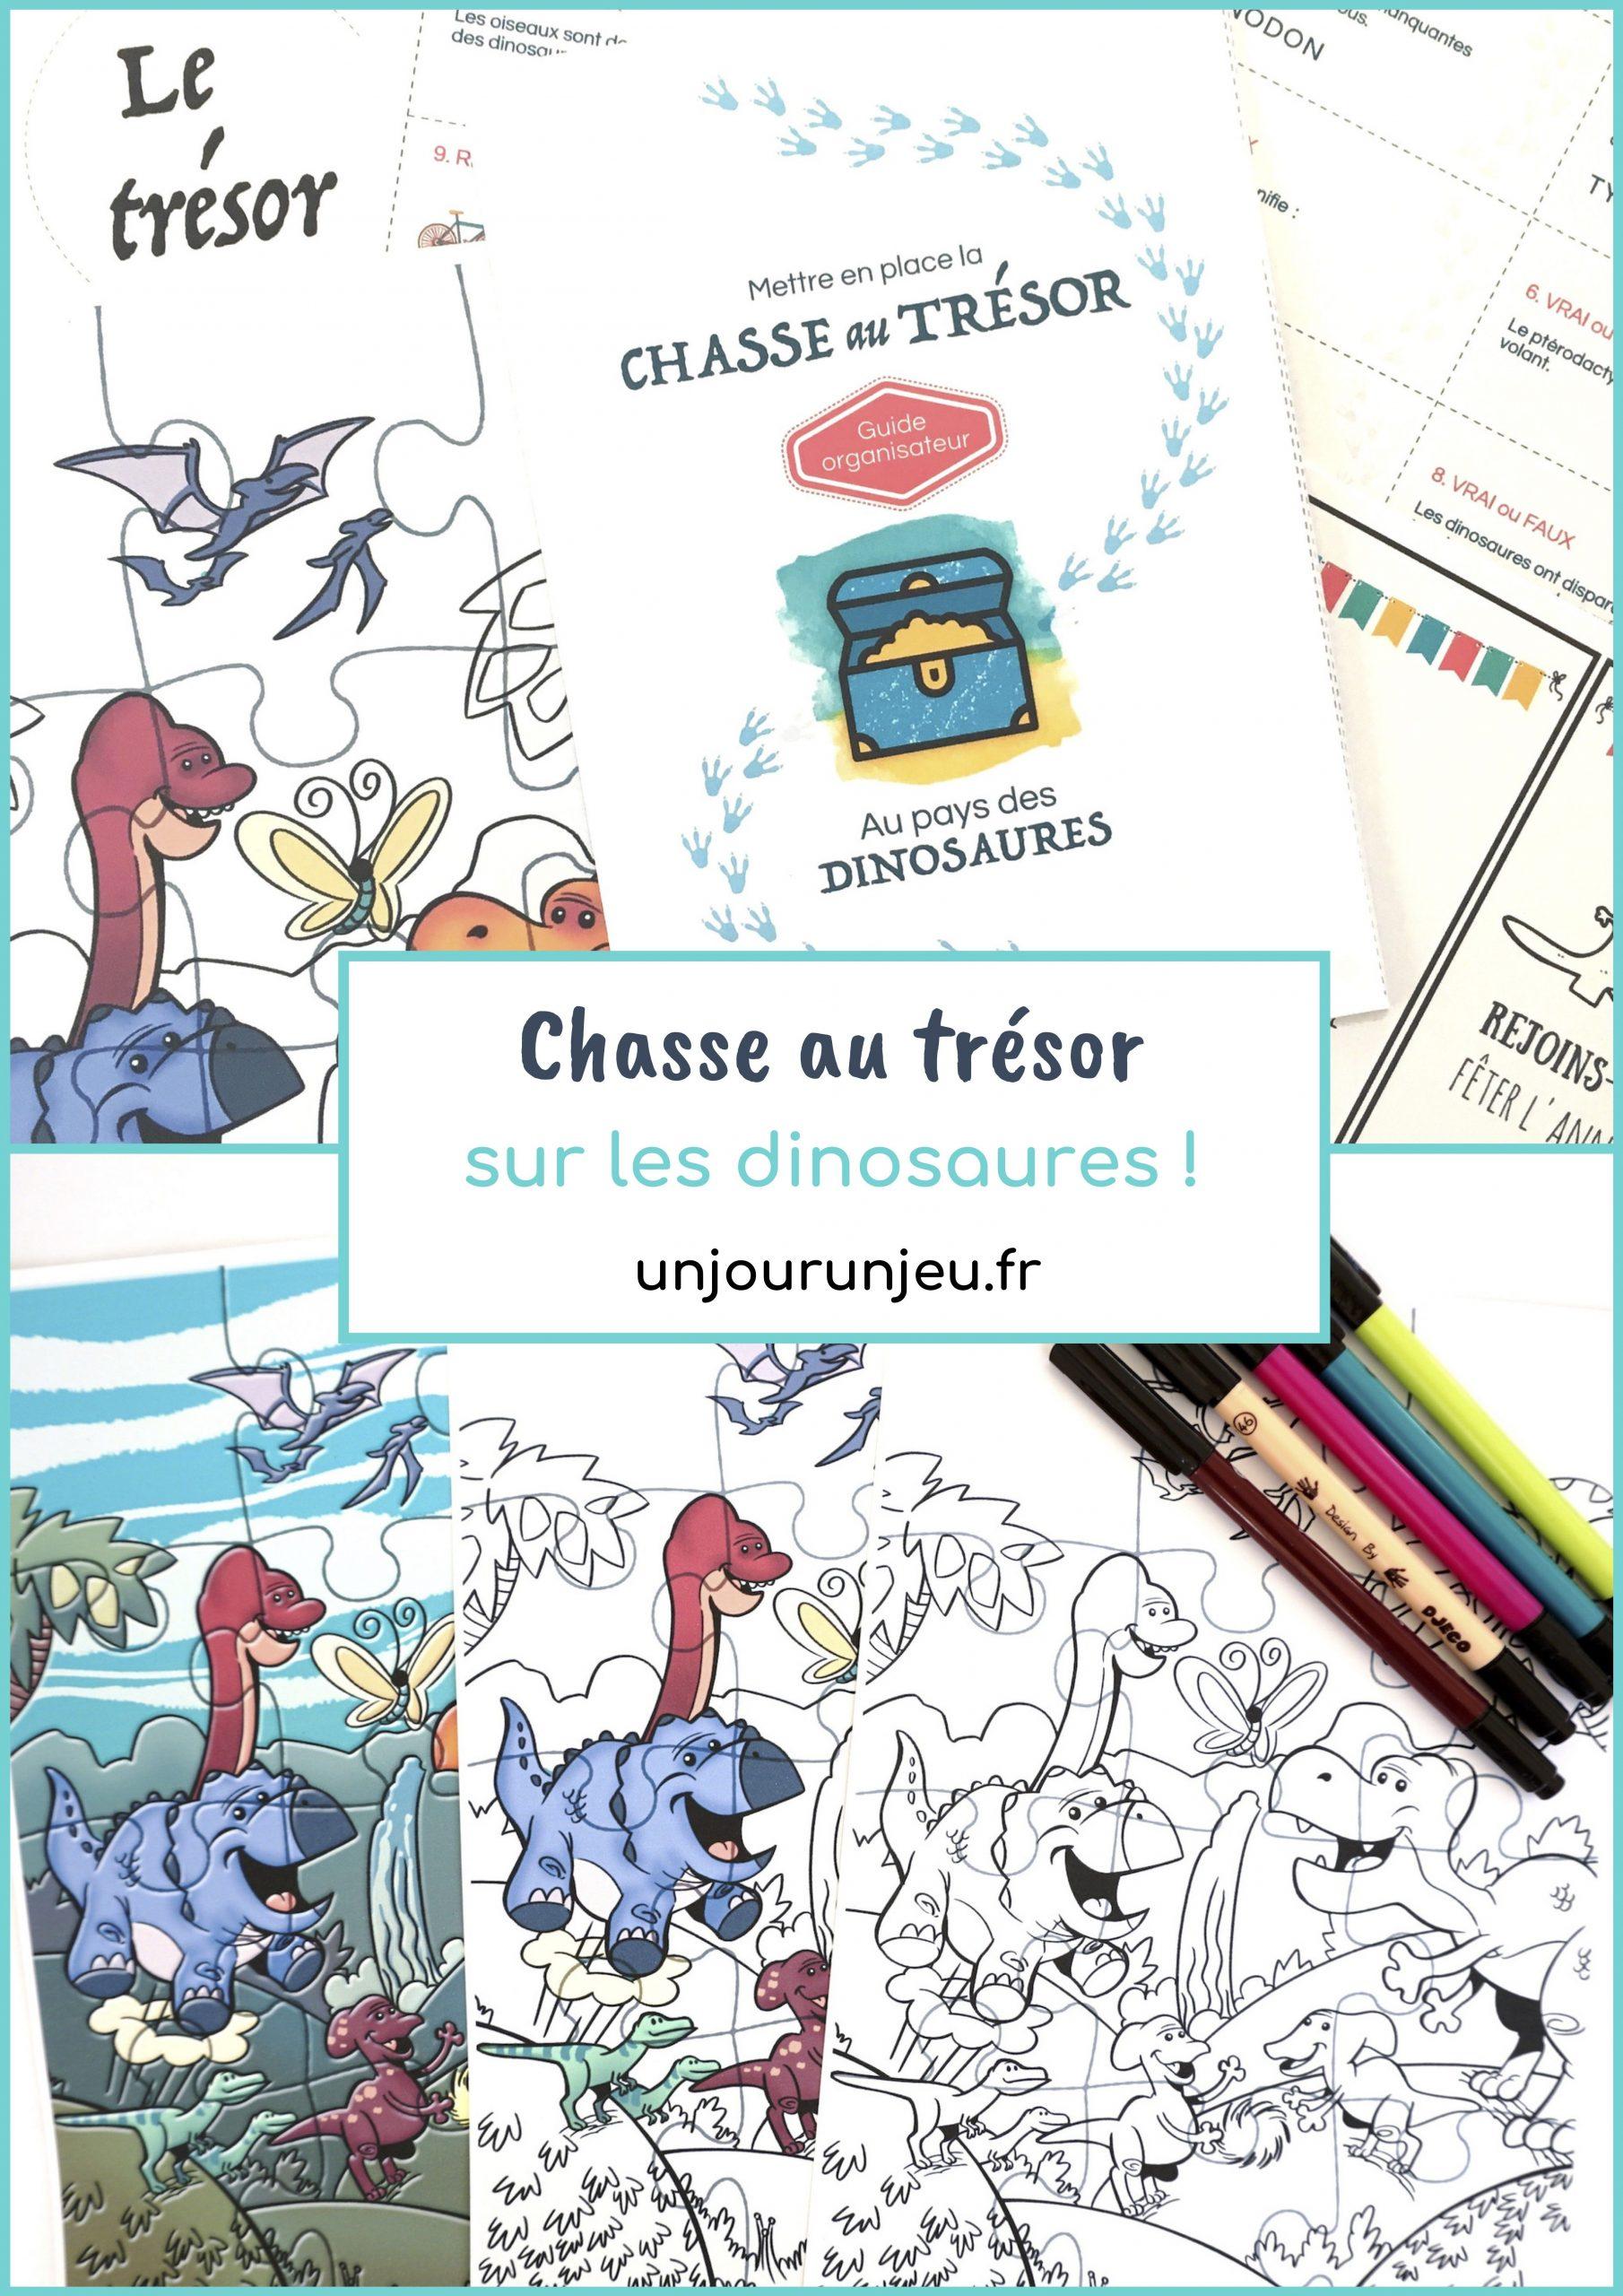 Chasse Au Trésor À Imprimer Immédiatement Sur Les Dinosaures tout Jeux Pour Garçon De 8 Ans Gratuit